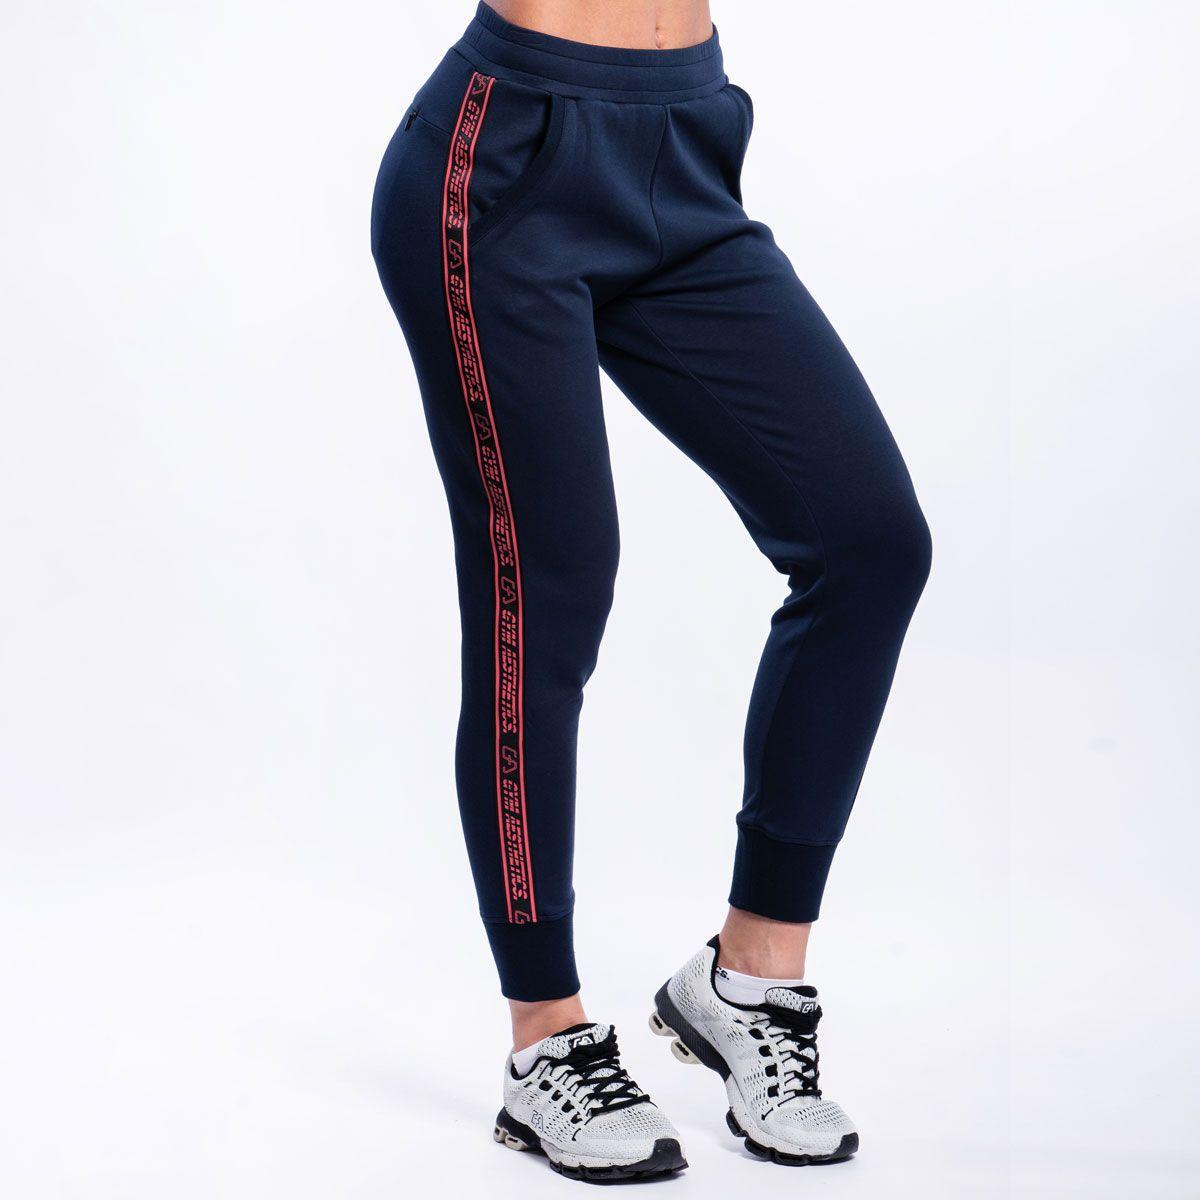 schwarze teen tight leggings